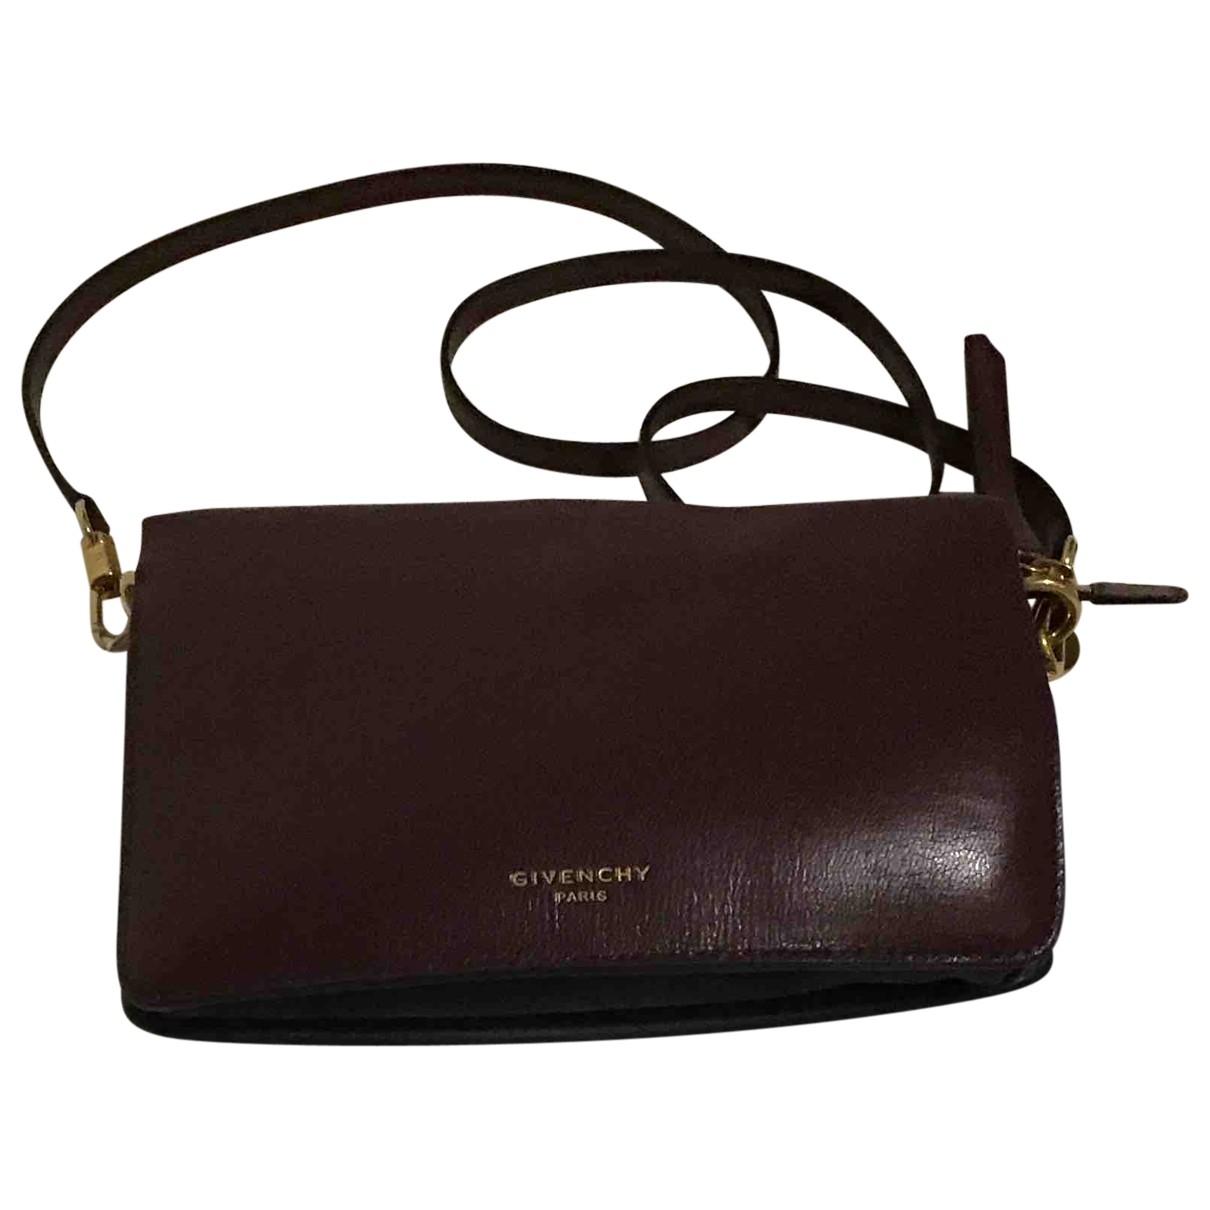 Givenchy - Pochette   pour femme en cuir - bordeaux